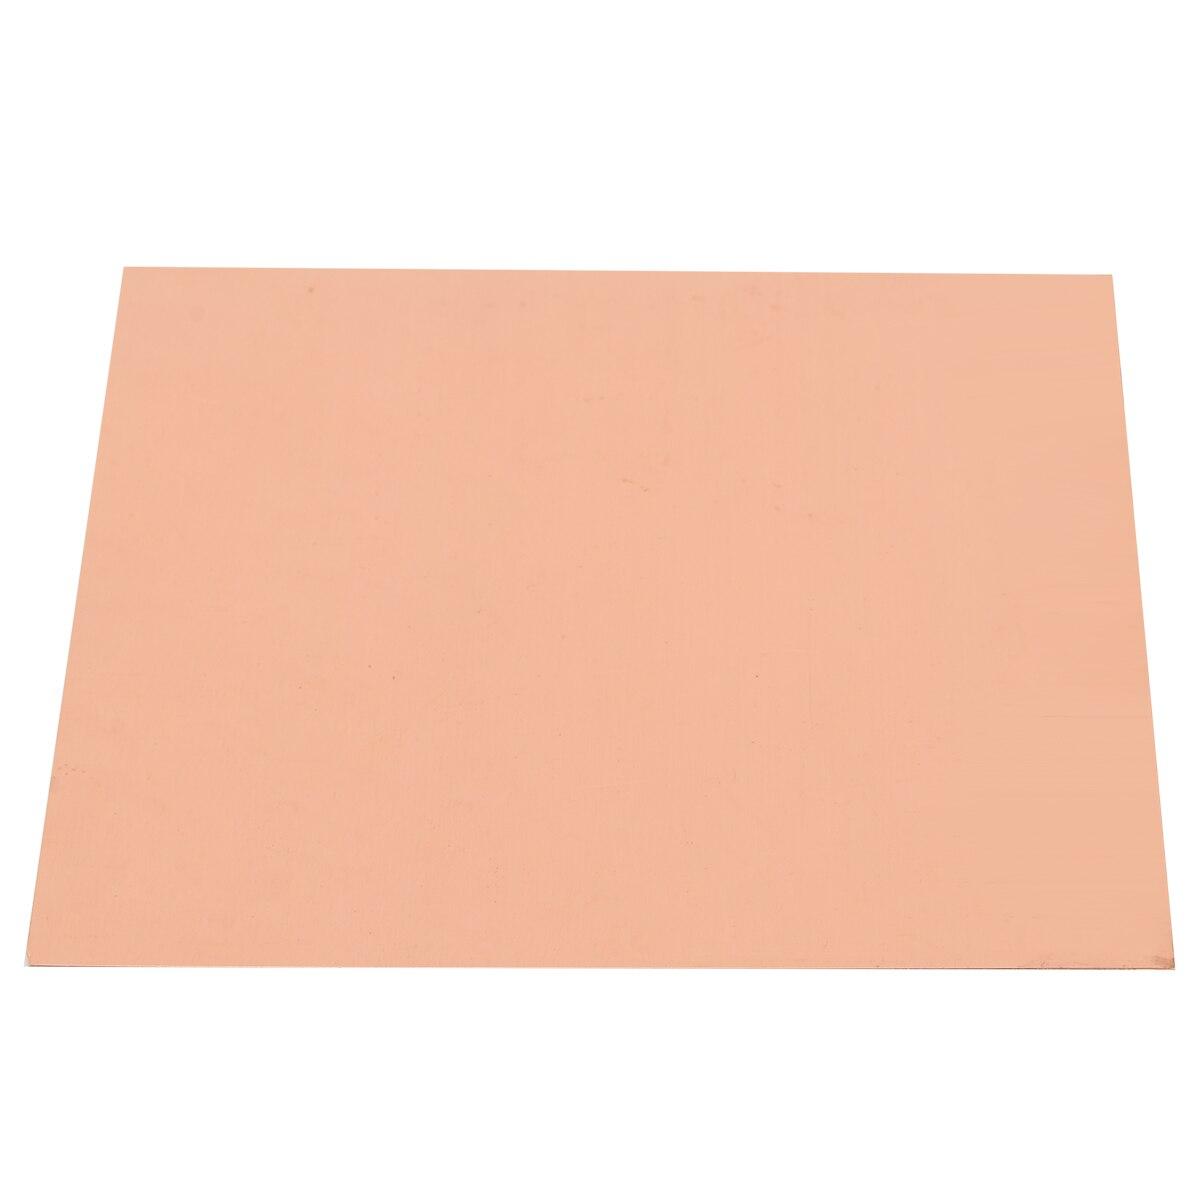 99.9% hohe Reinheit Kupfer Blatt Cu Metall Flache Folie 0,2mm Dicke Reinem Kupfer Platte für Schweißen und Löten 100 * 100mm